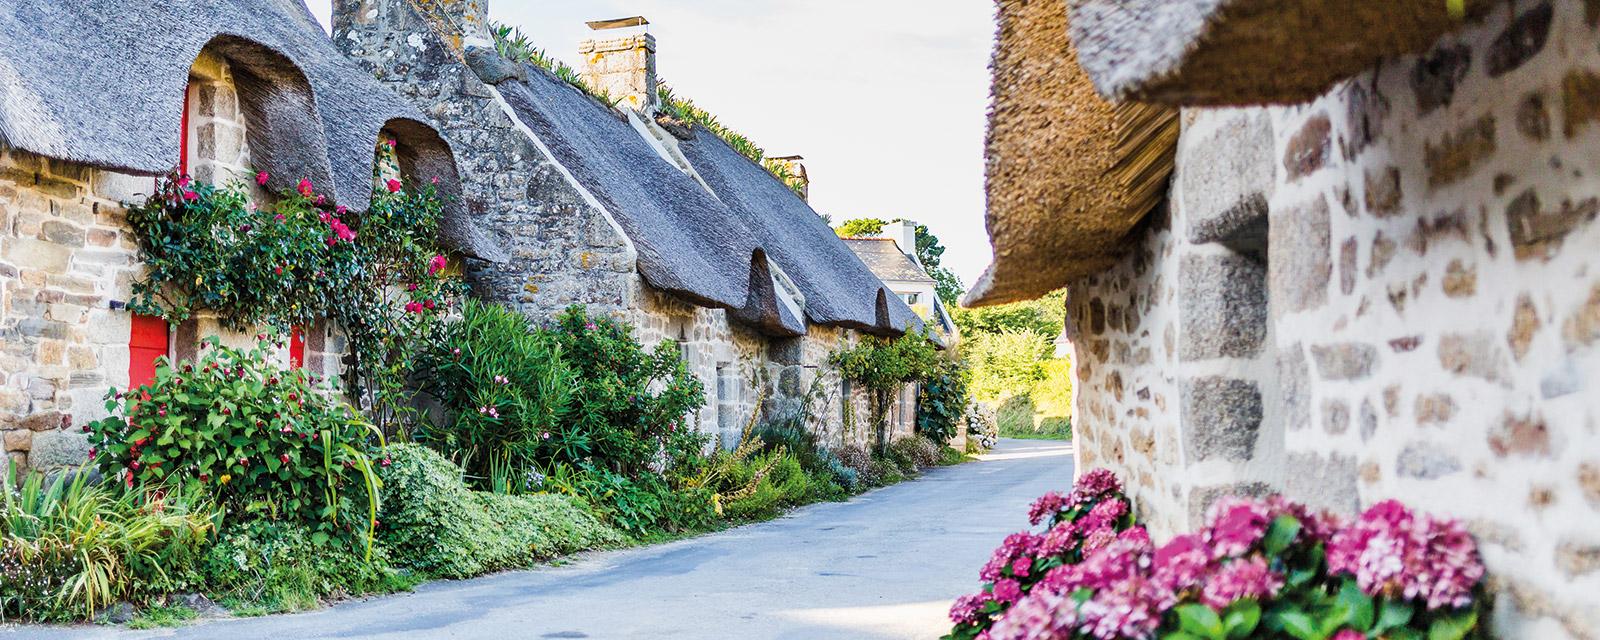 Kercanic, le plus fleuri des villages de chaumières